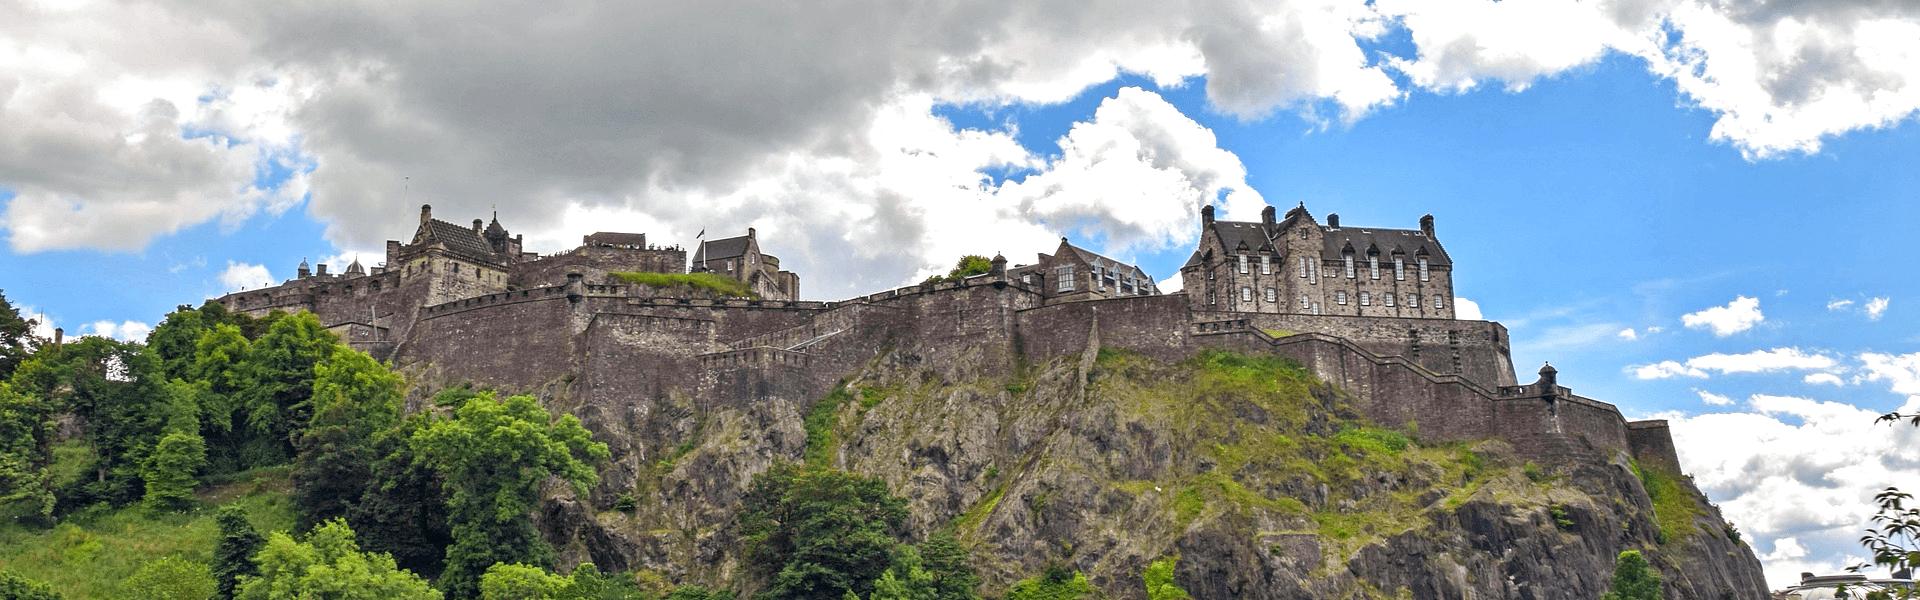 Verenigd Koninkrijk | Autorondreis ronde van Schotland